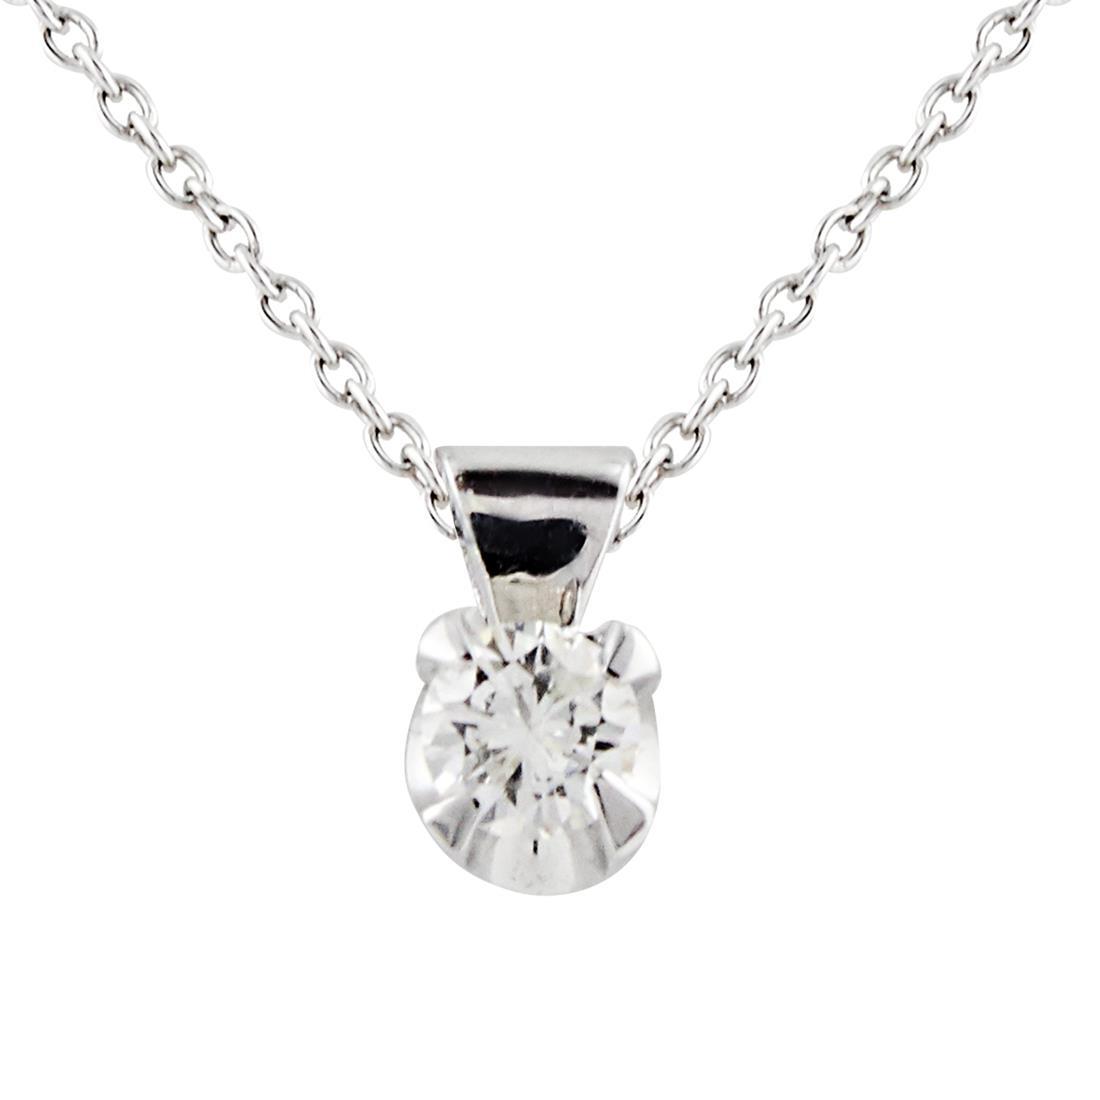 Collana punto luce in oro bianco e diamanti ct 0.17, lunghezza 44cm - ALFIERI & ST. JOHN